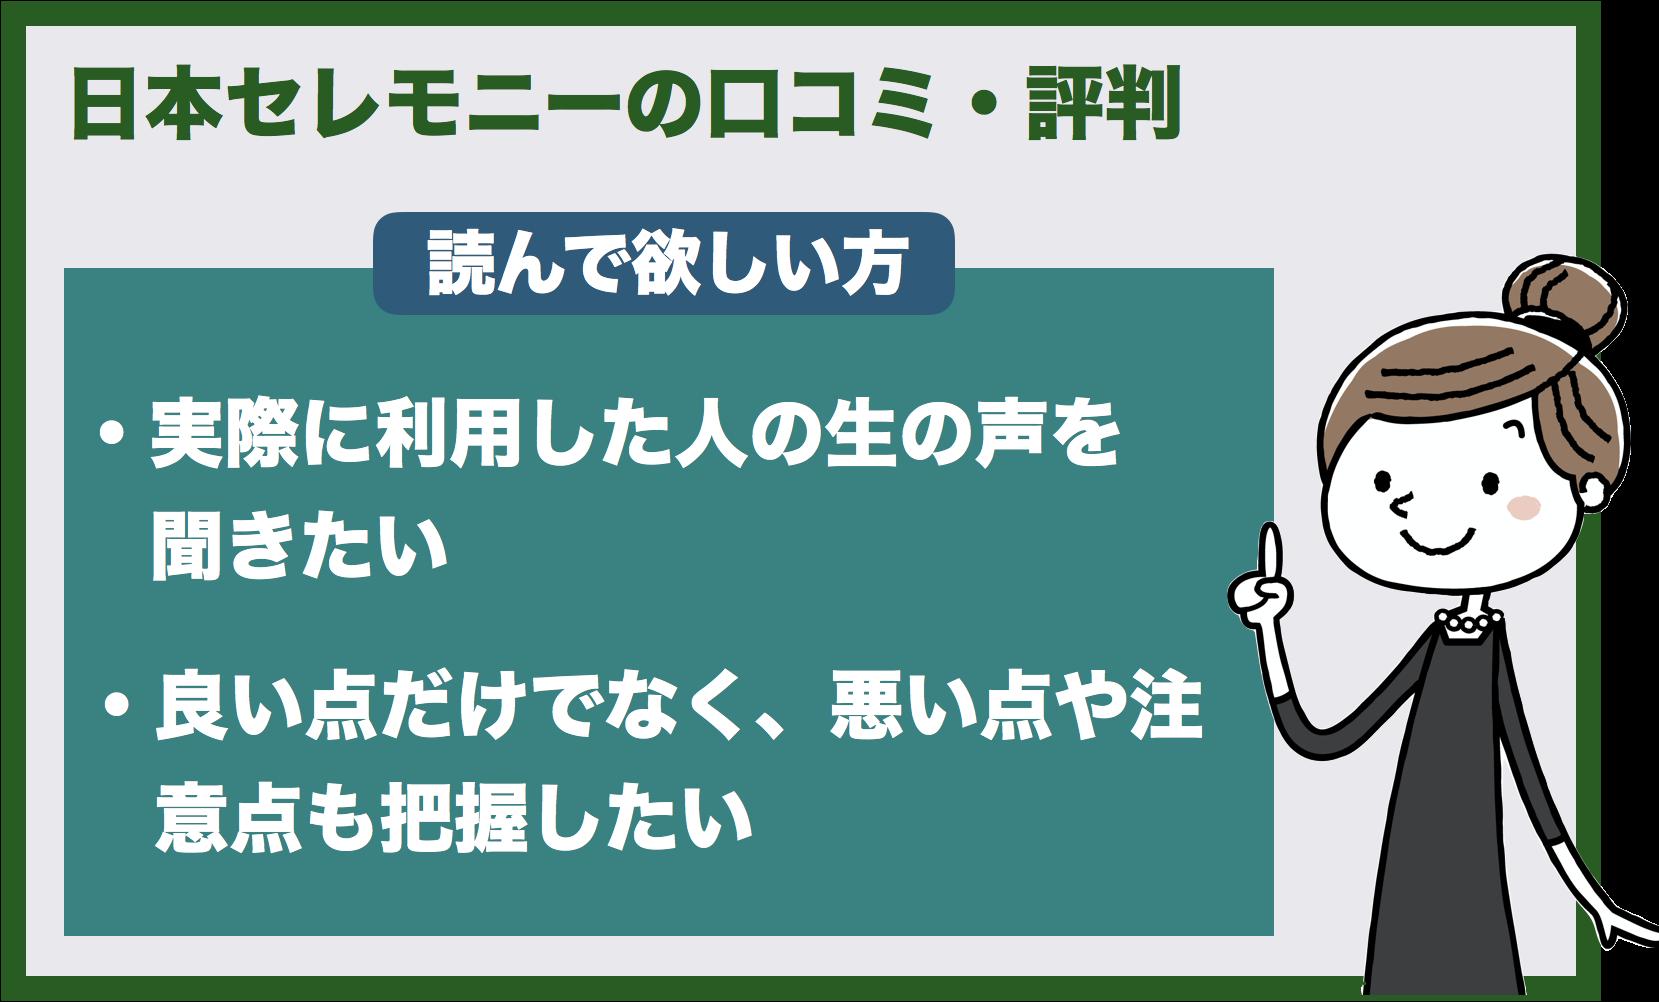 日本セレモニーの口コミ・評判